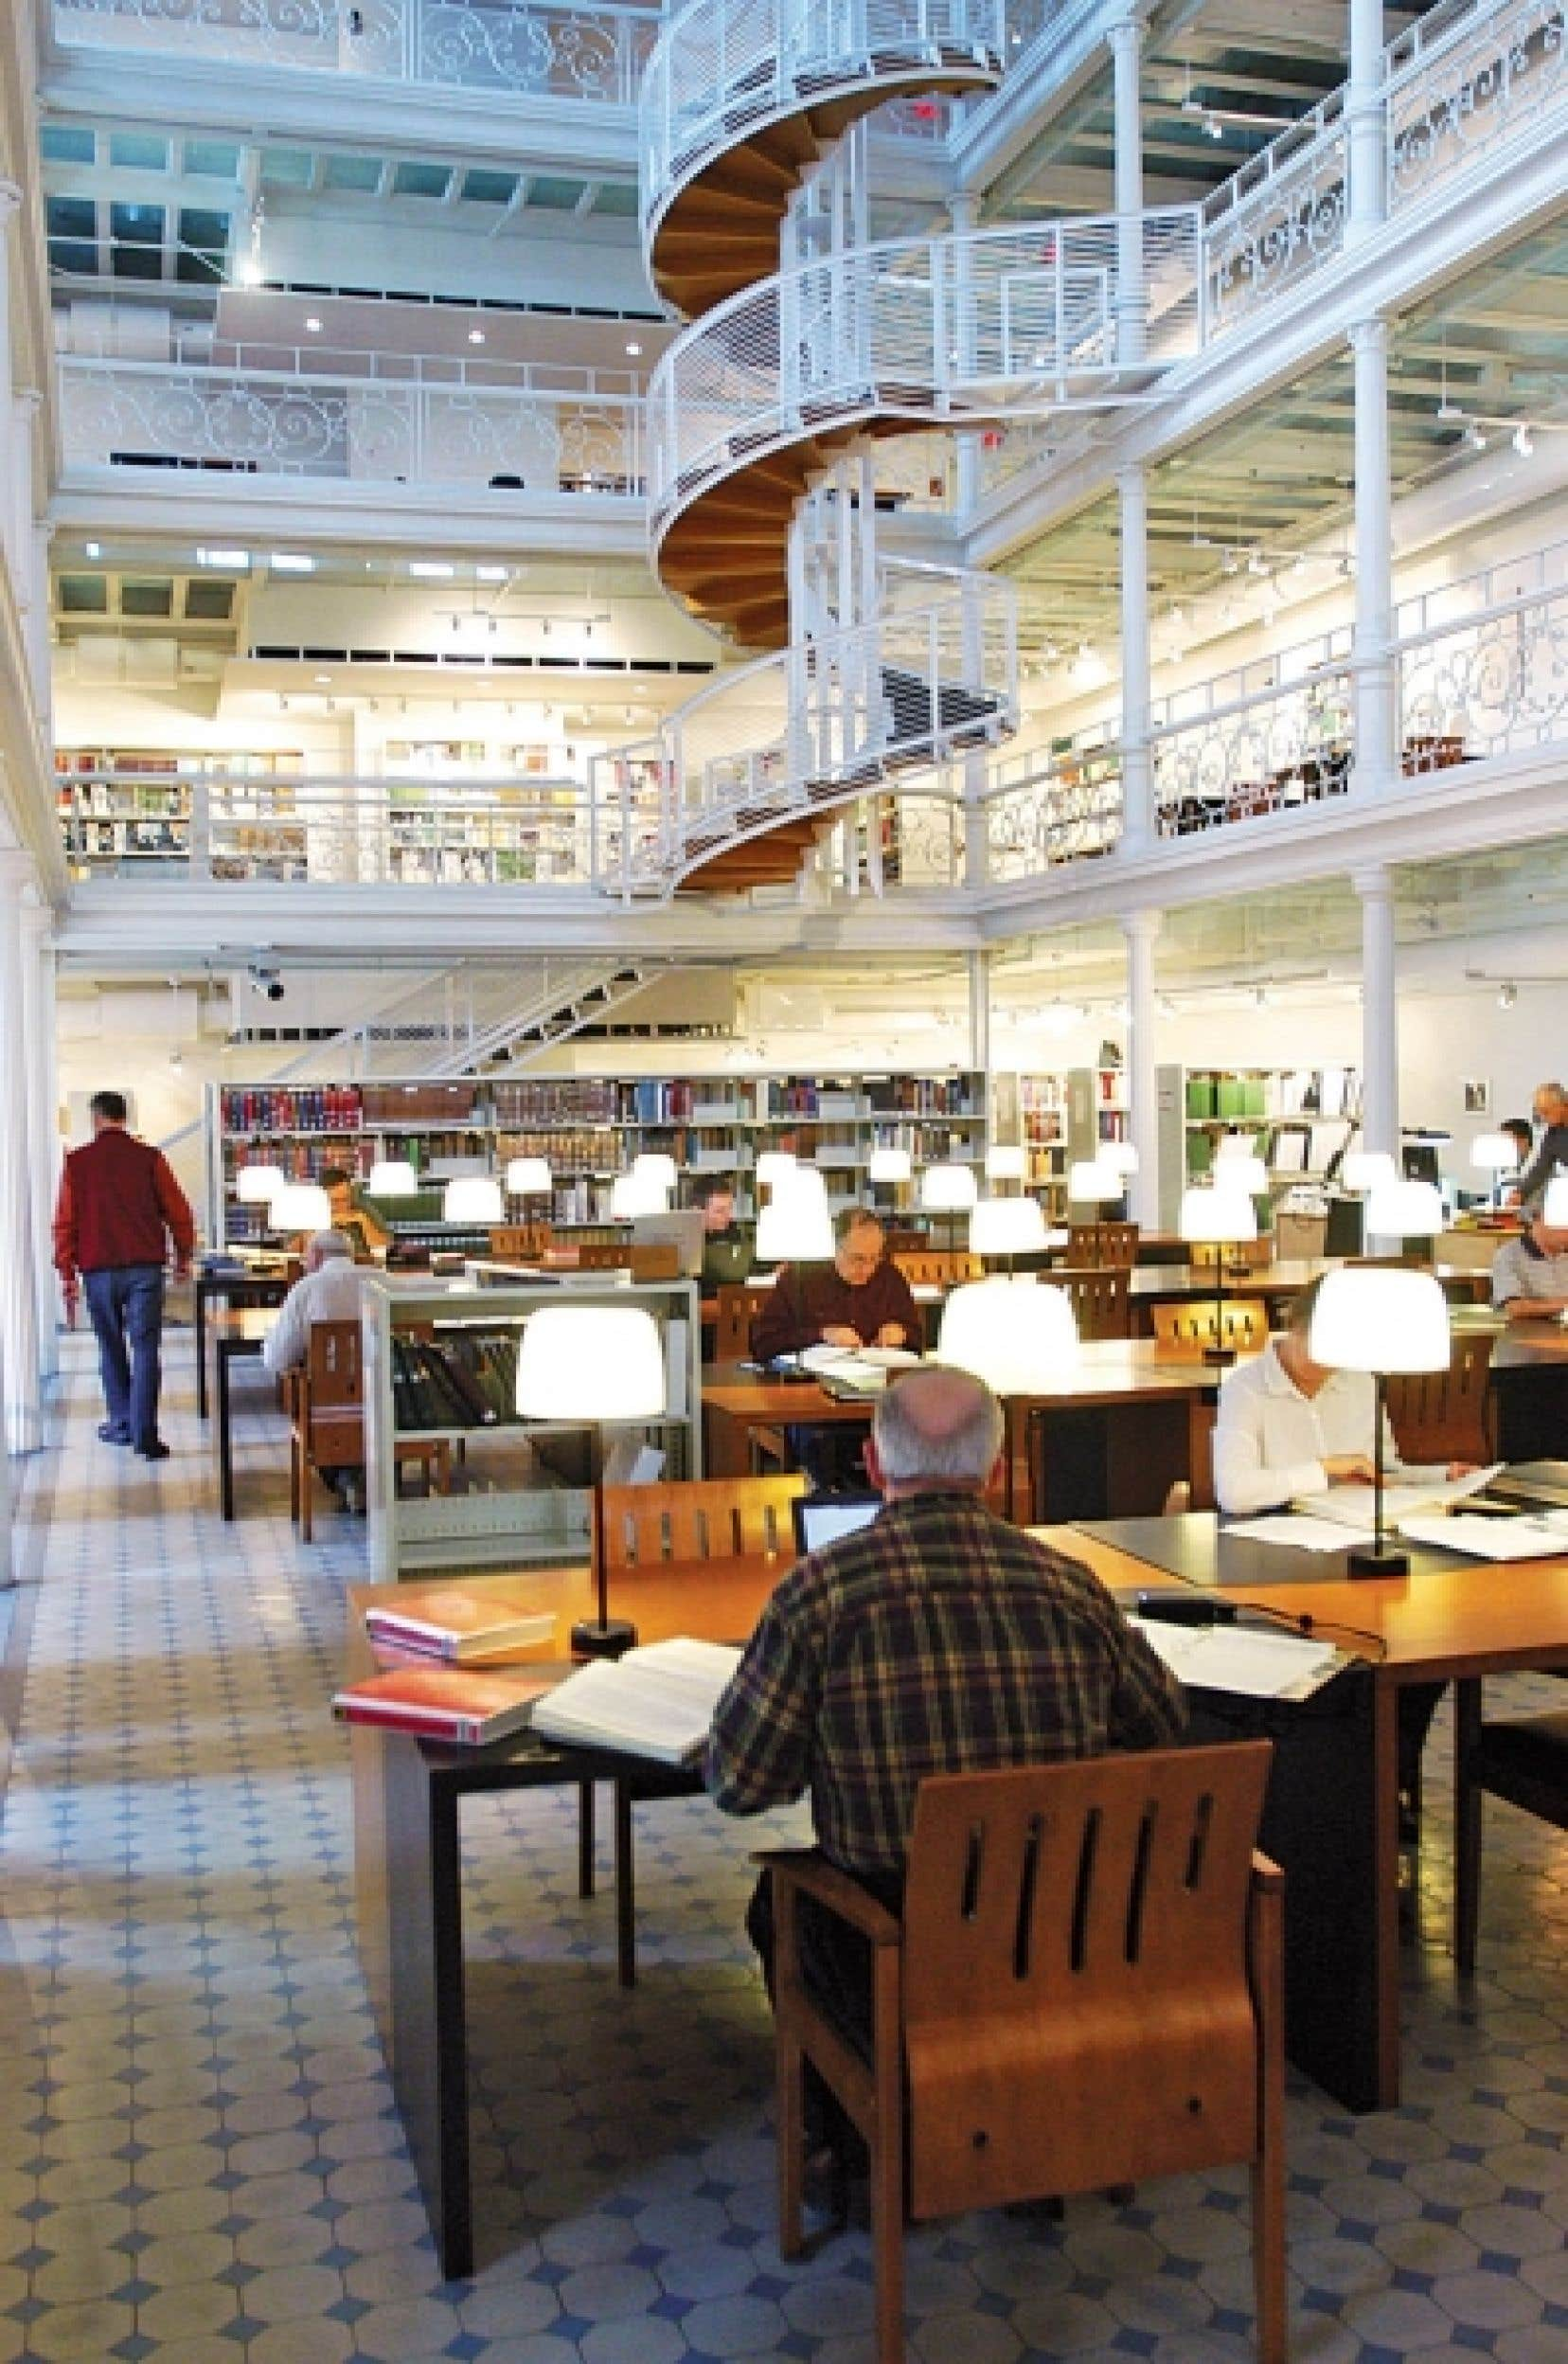 Le centre montréalais des Archives nationales dans l'ancien établissement des Hautes Études commerciales, avenue Viger. Le Québec a été dépossédé d'une grande quantité de précieux documents datant de la Nouvelle-France.<br />